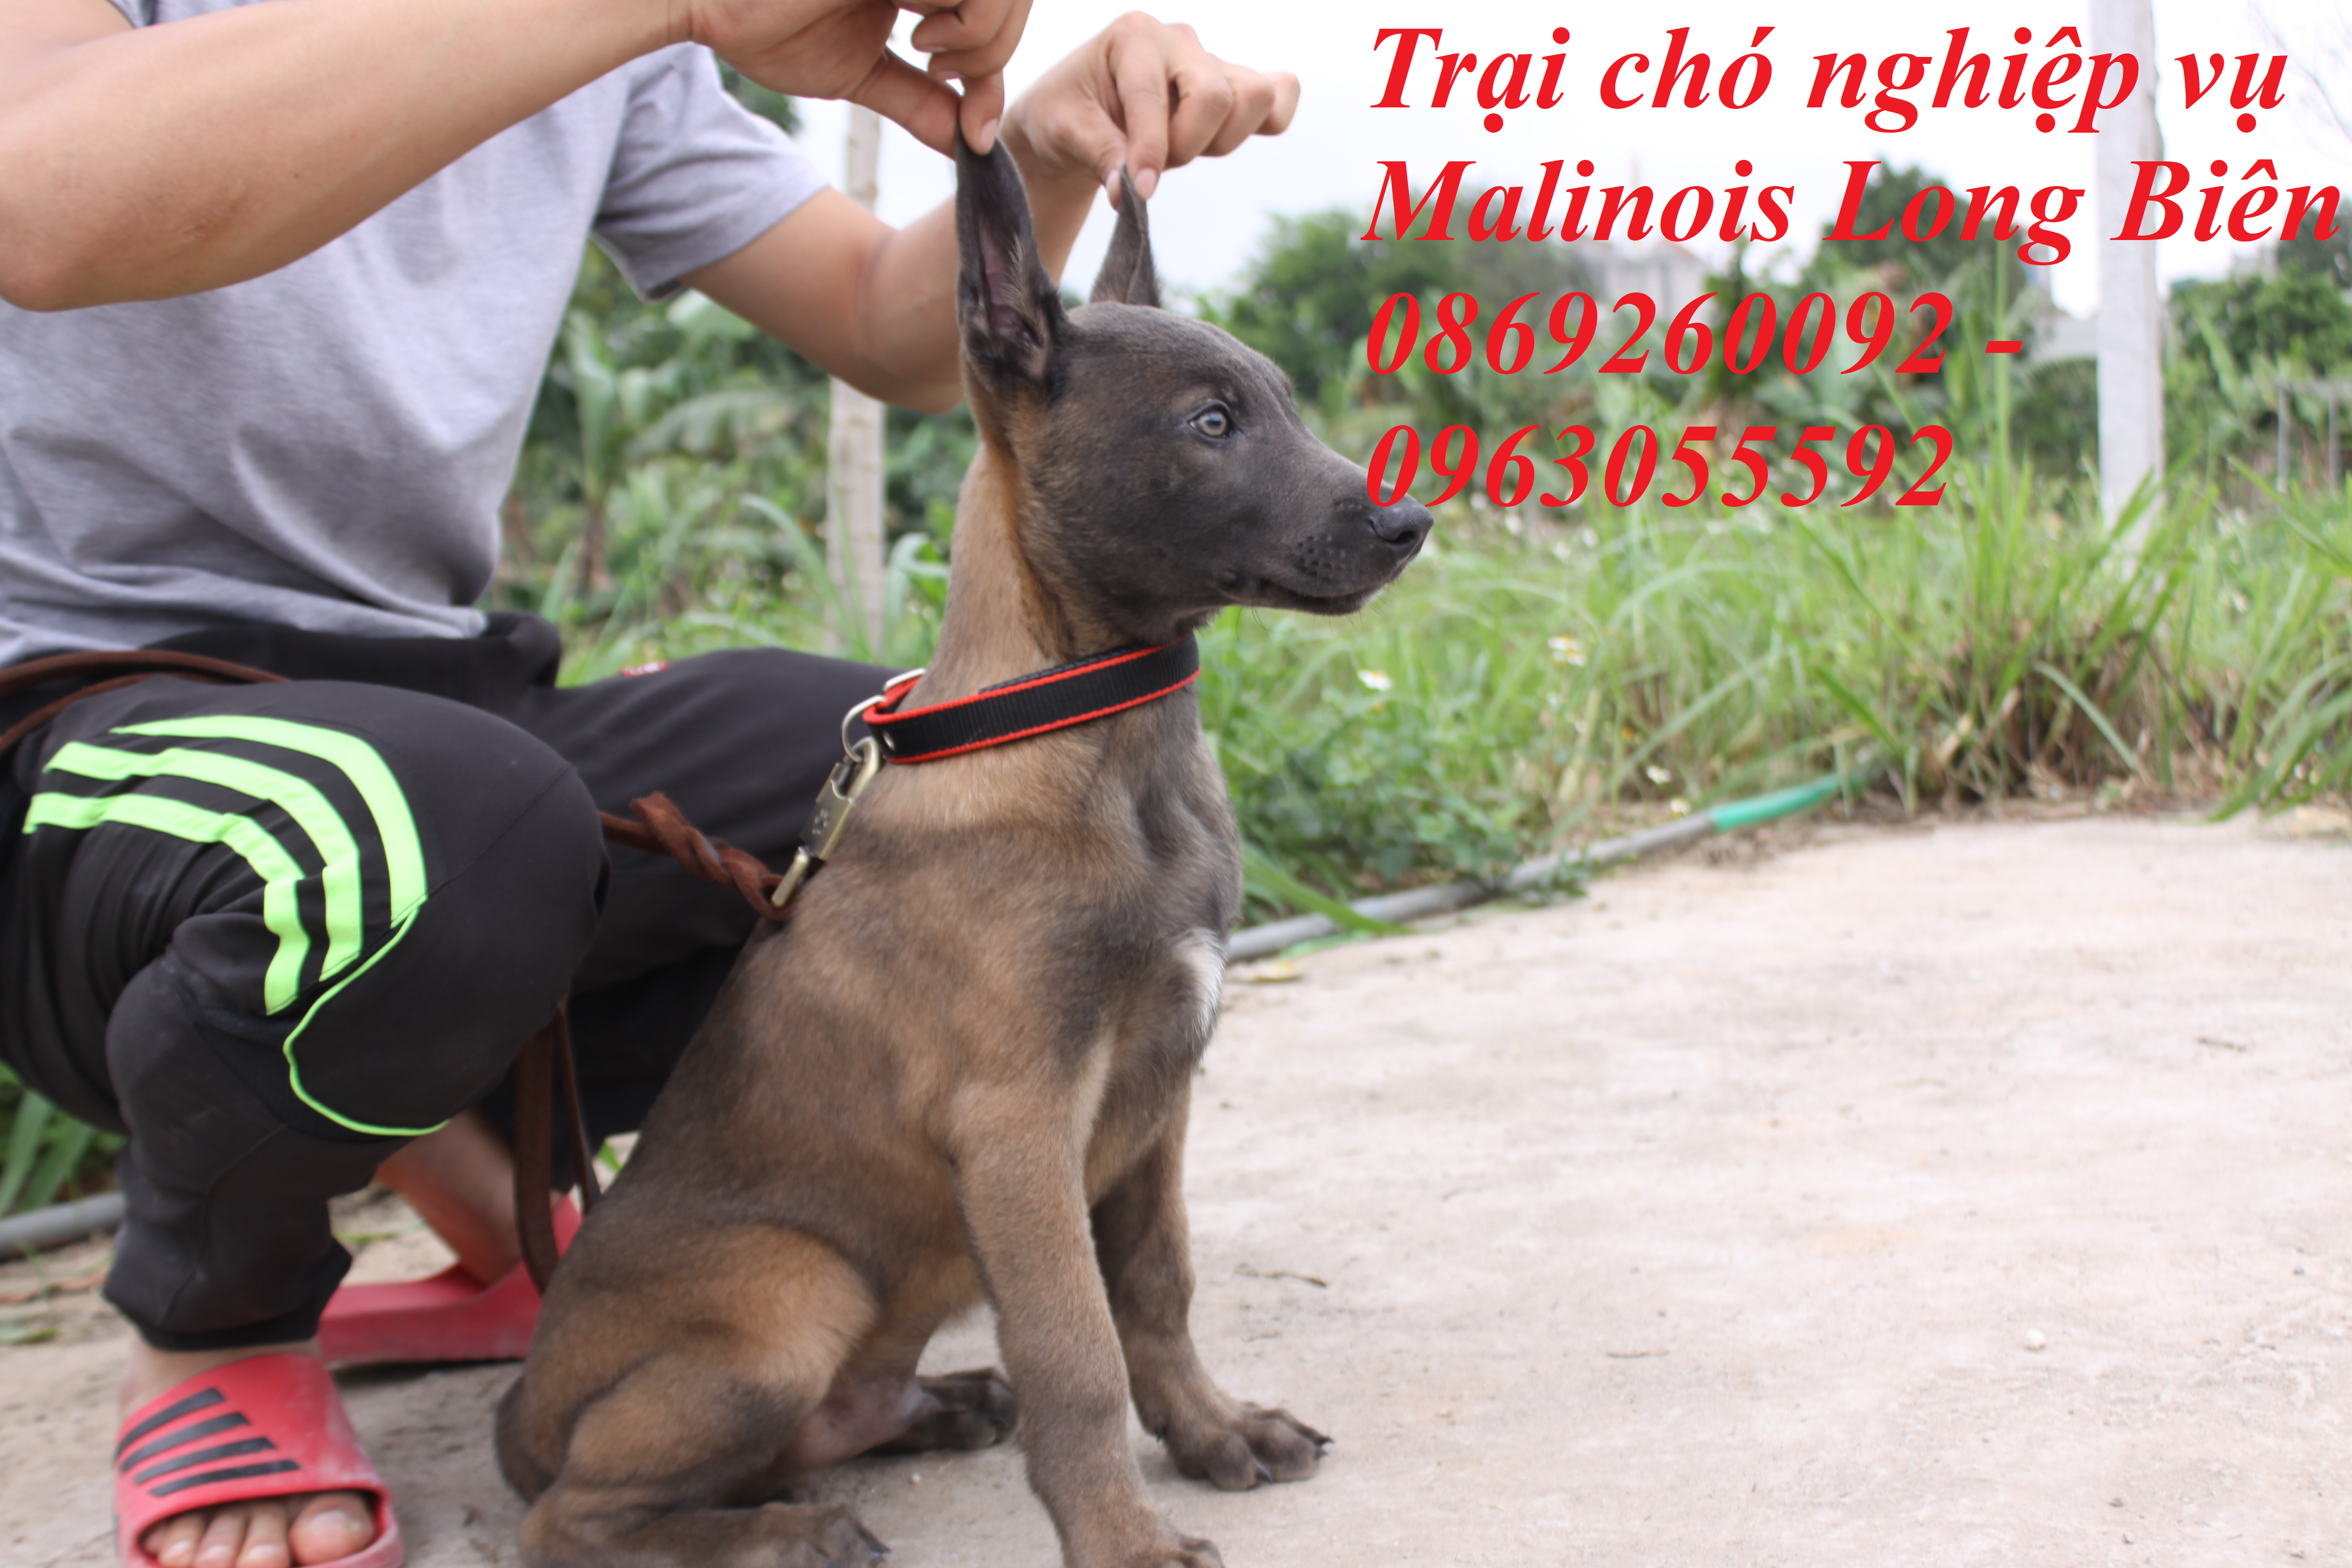 Chó becgie Bỉ malinois màu Blu hiếm có tại trại chó nghiệp vụ malinois Long Biên